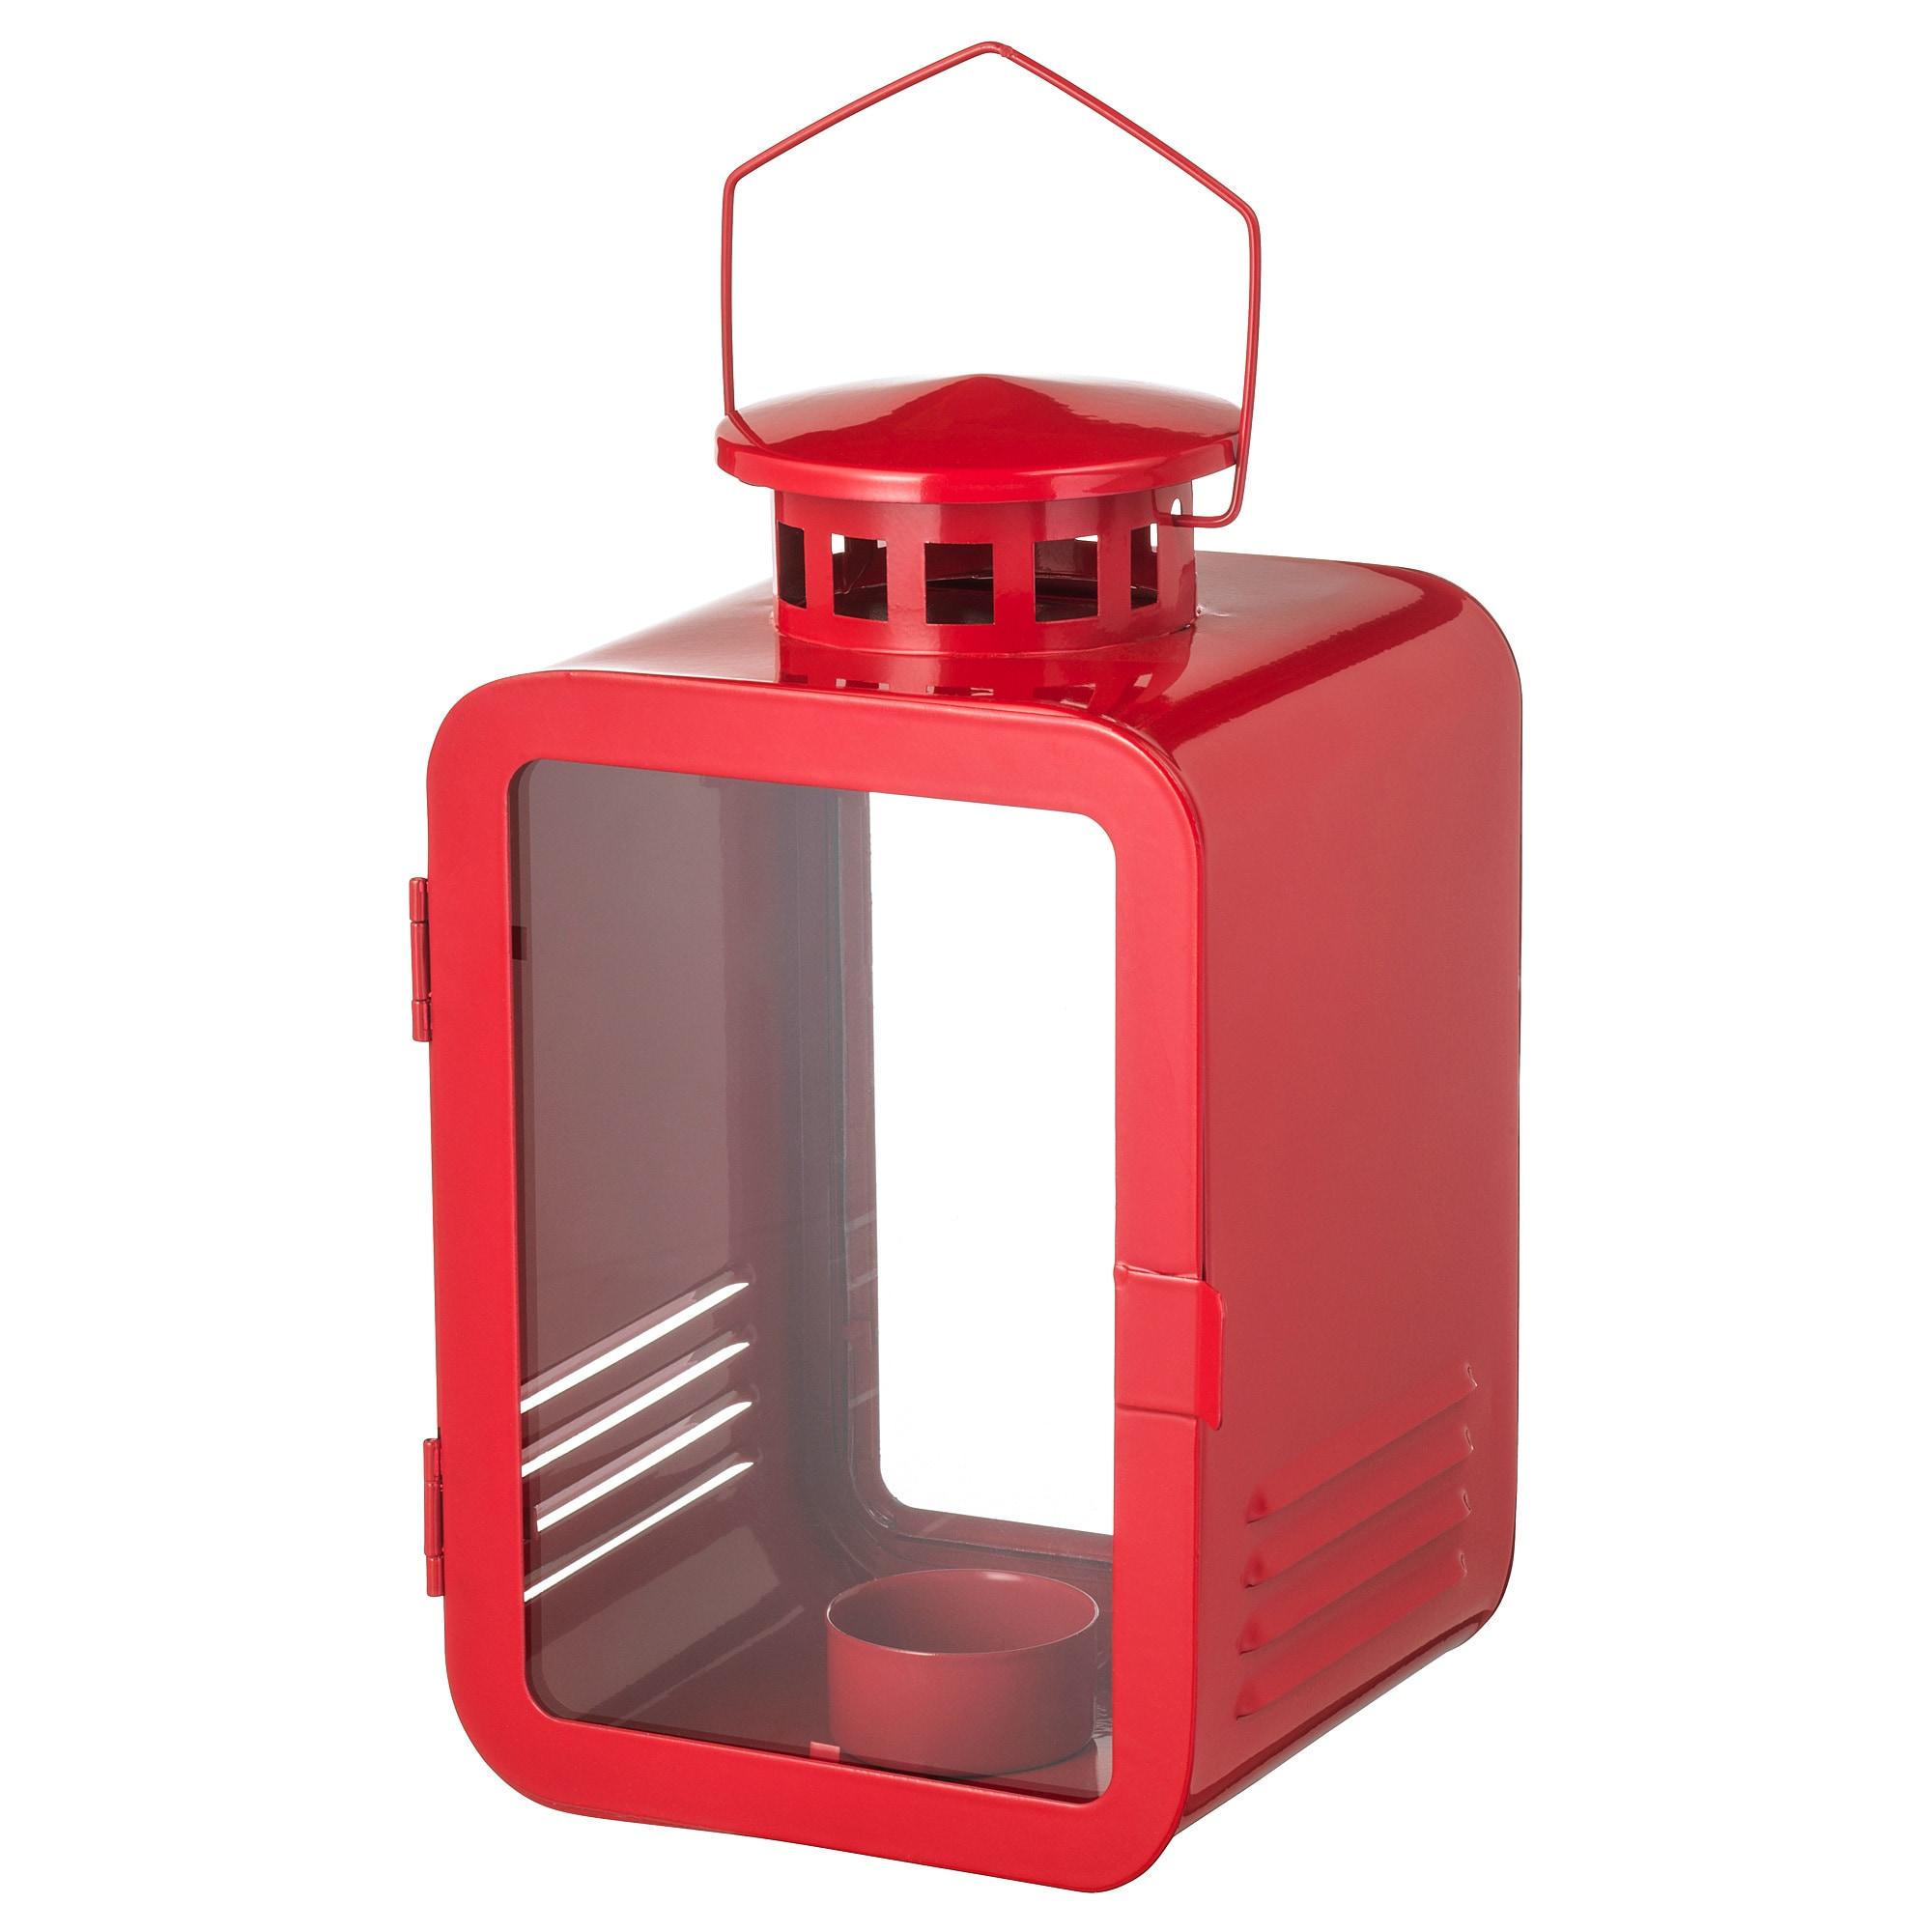 купить фонарь для греющей свечи винтер 2018 красный в Ikea минск